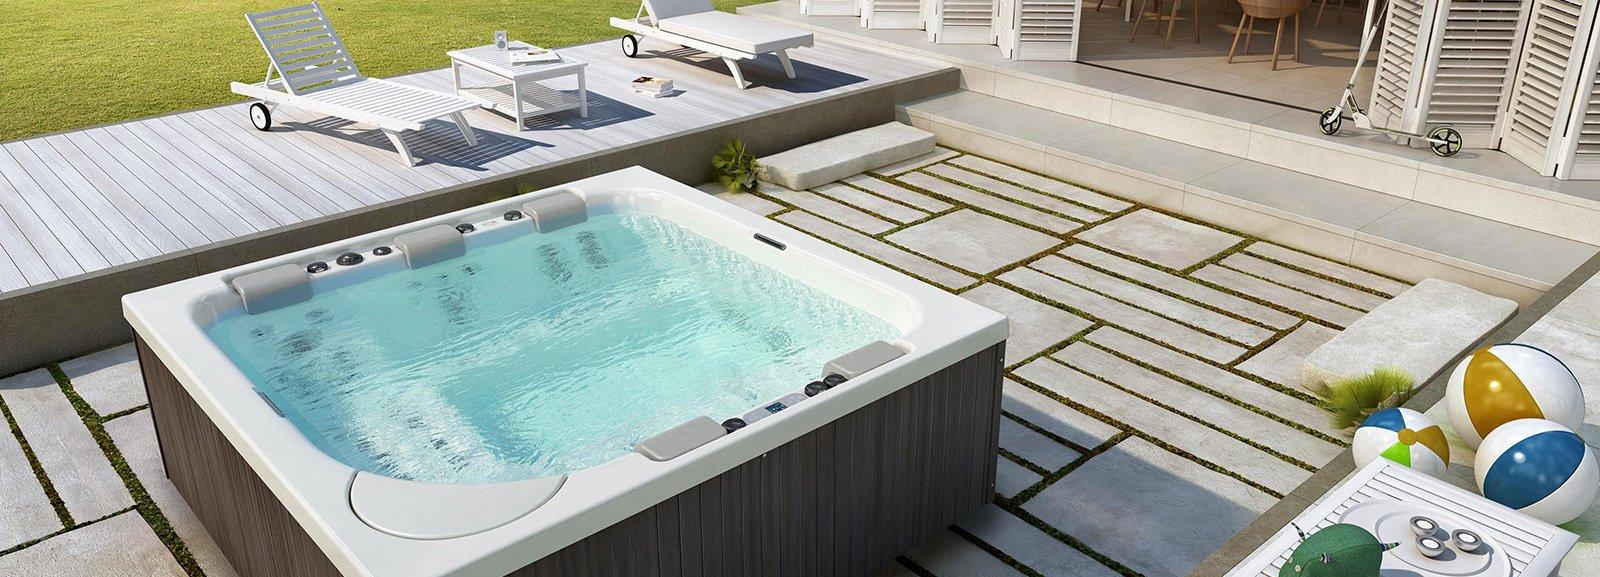 Minipiscine da esterno benessere all aperto cose di casa for Design di casa all aperto